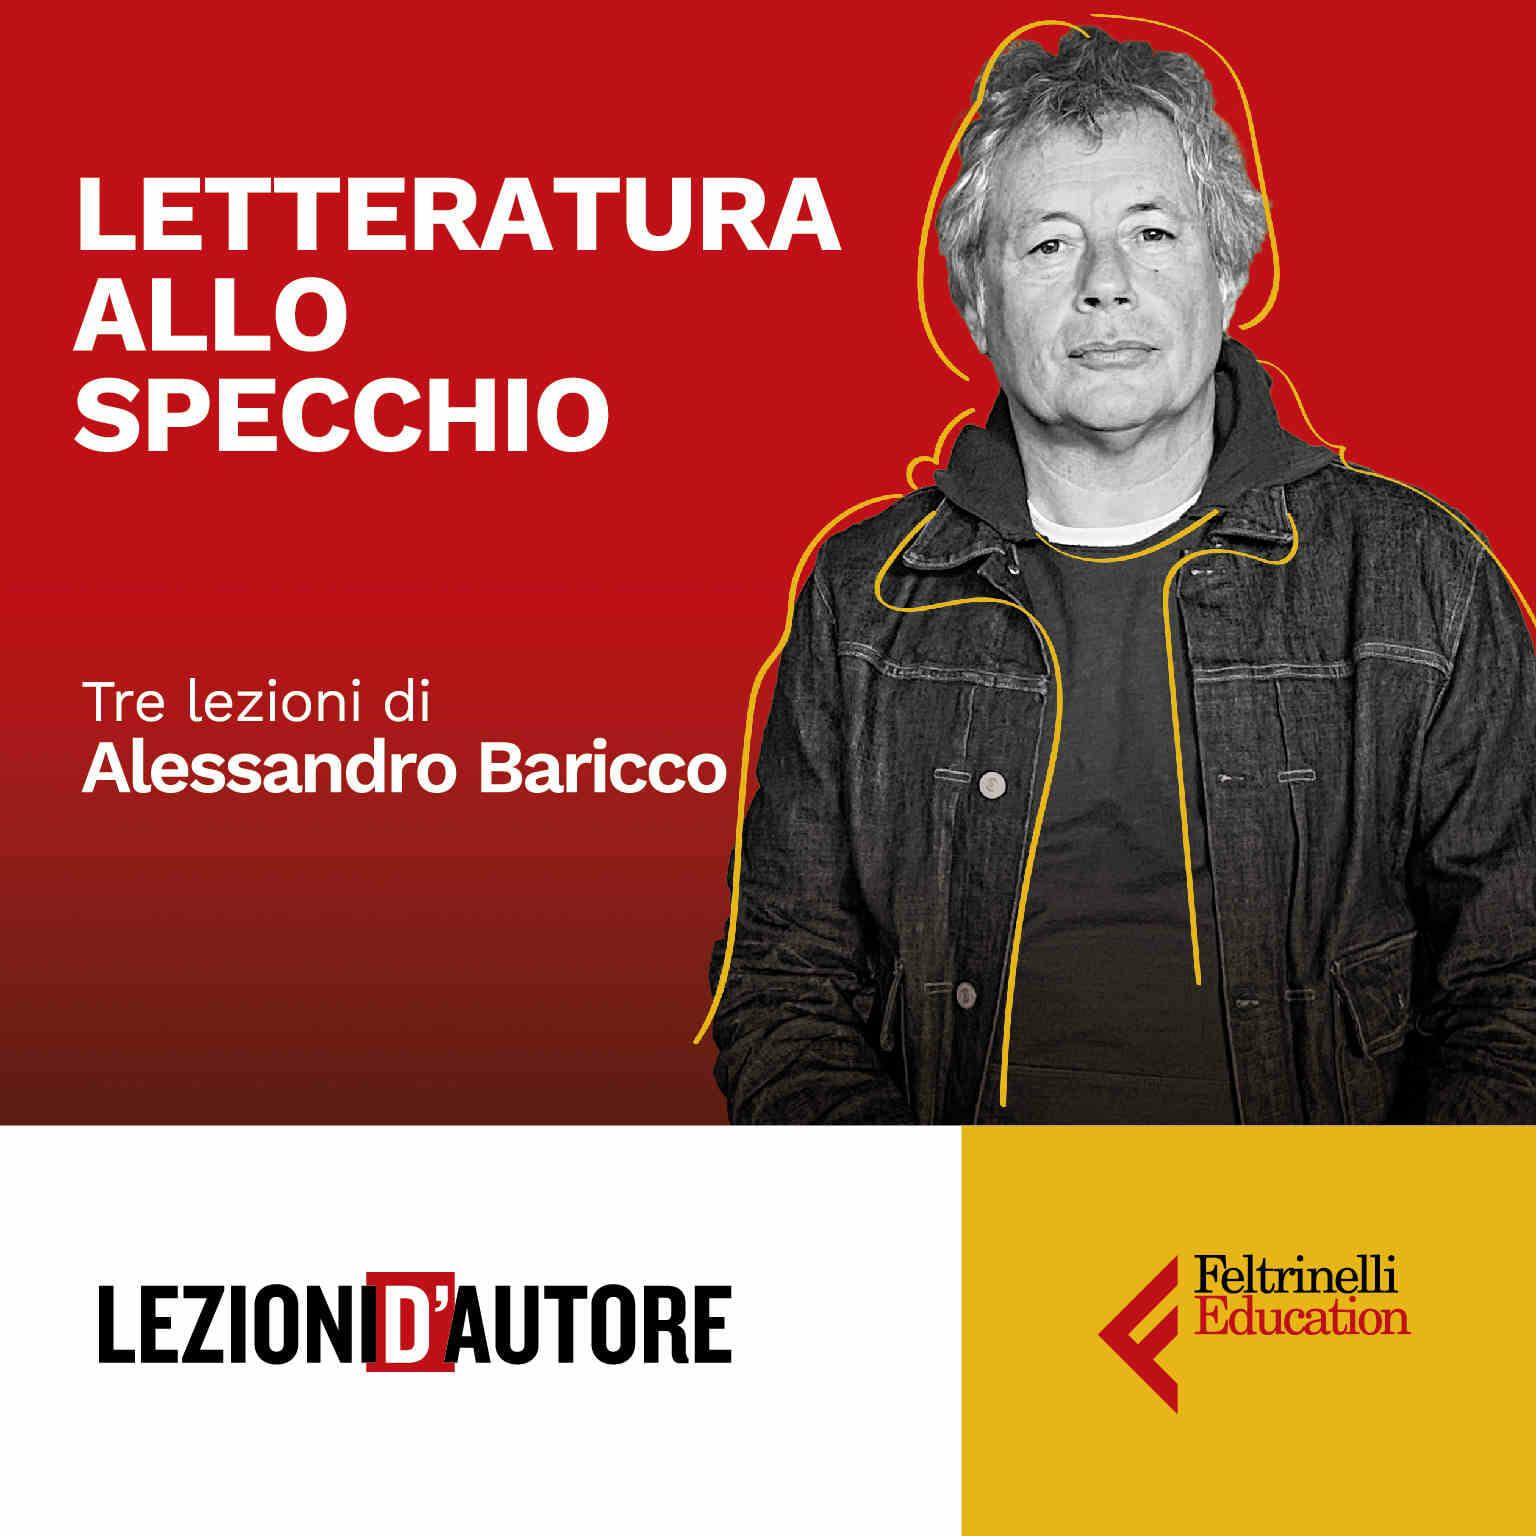 baricco feltrinelli education